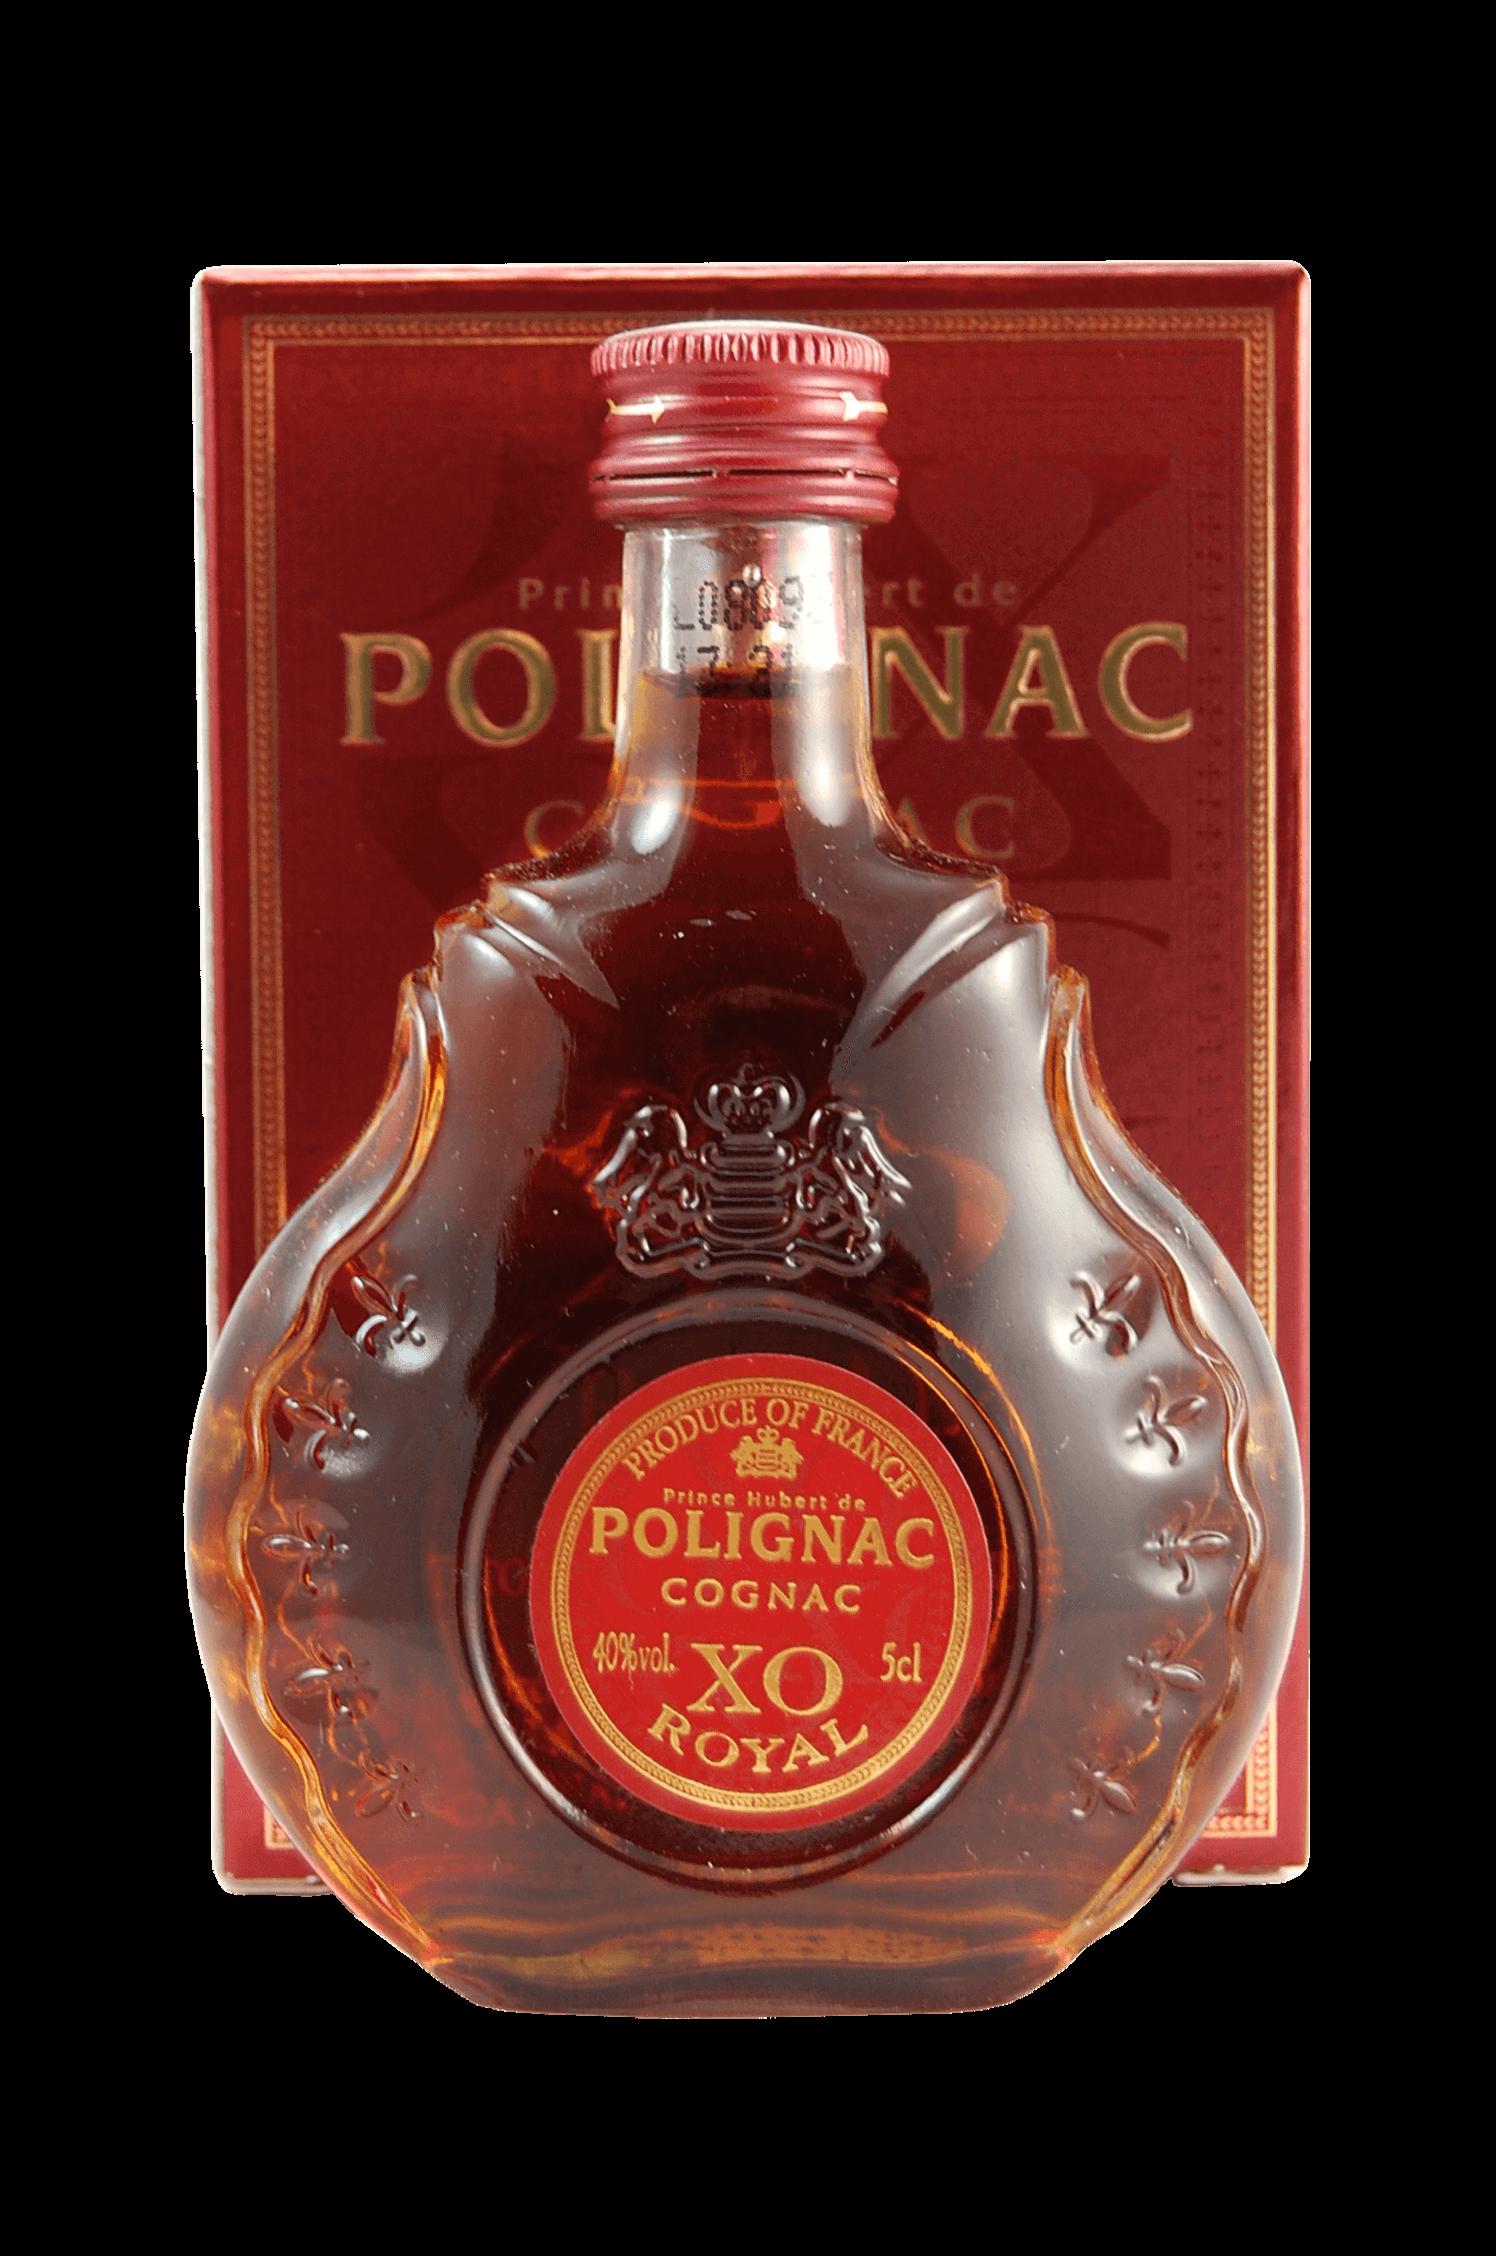 Prince Hubert Polignac X.O Royal